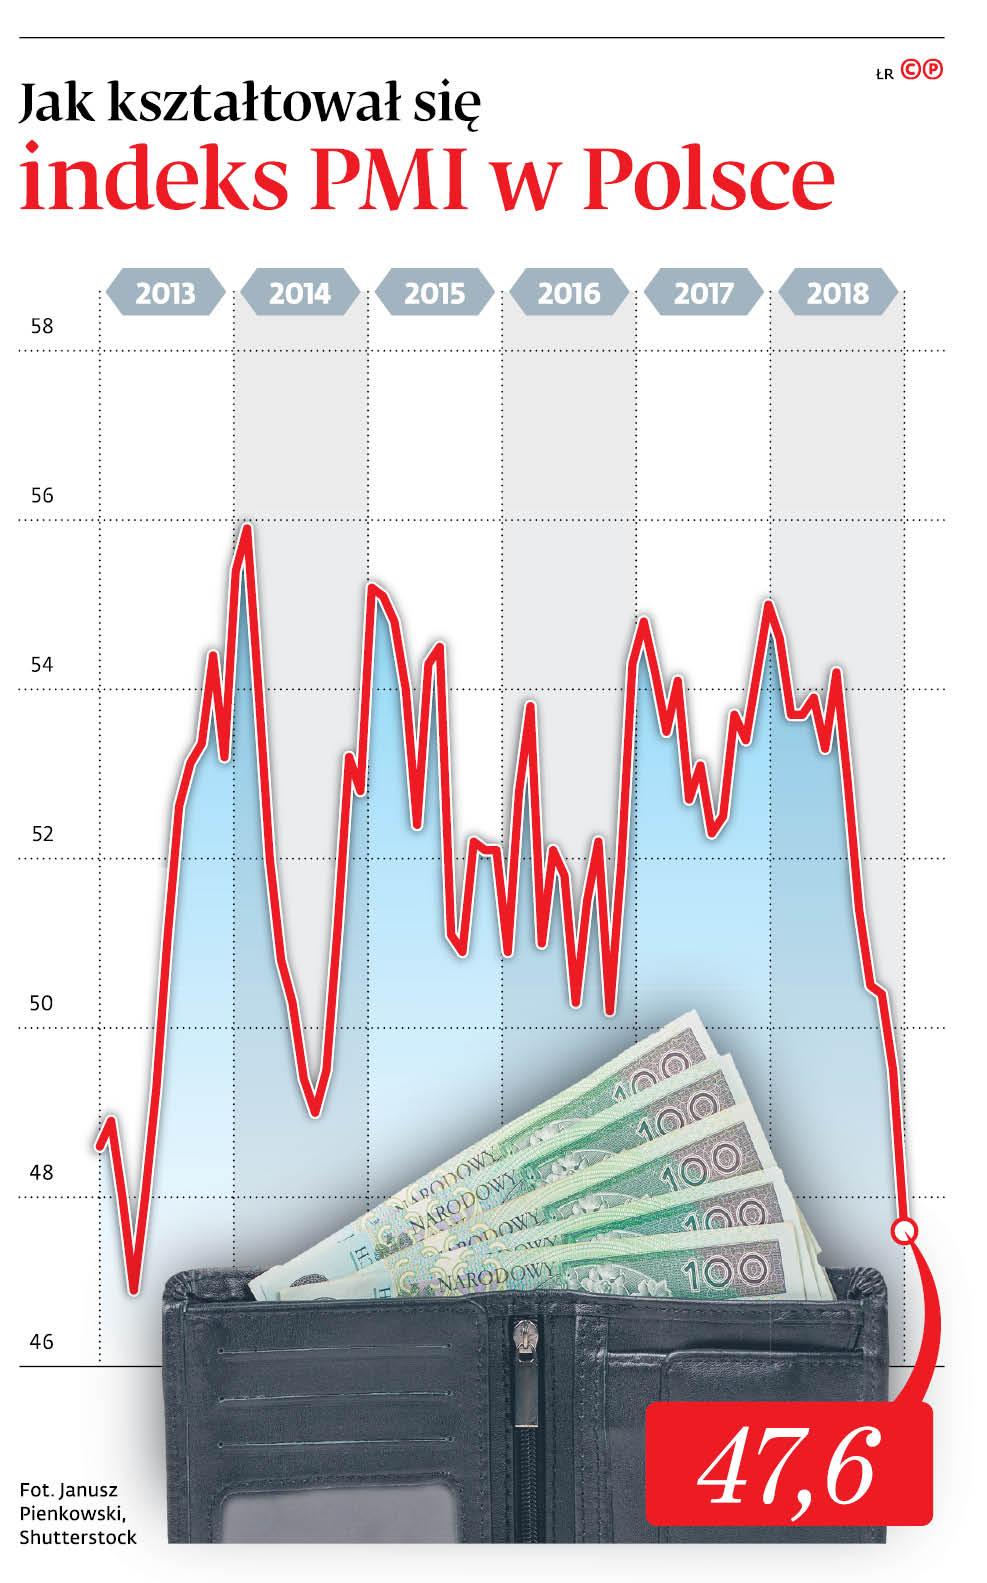 Jak kształtował się indeks PMI w Polsce